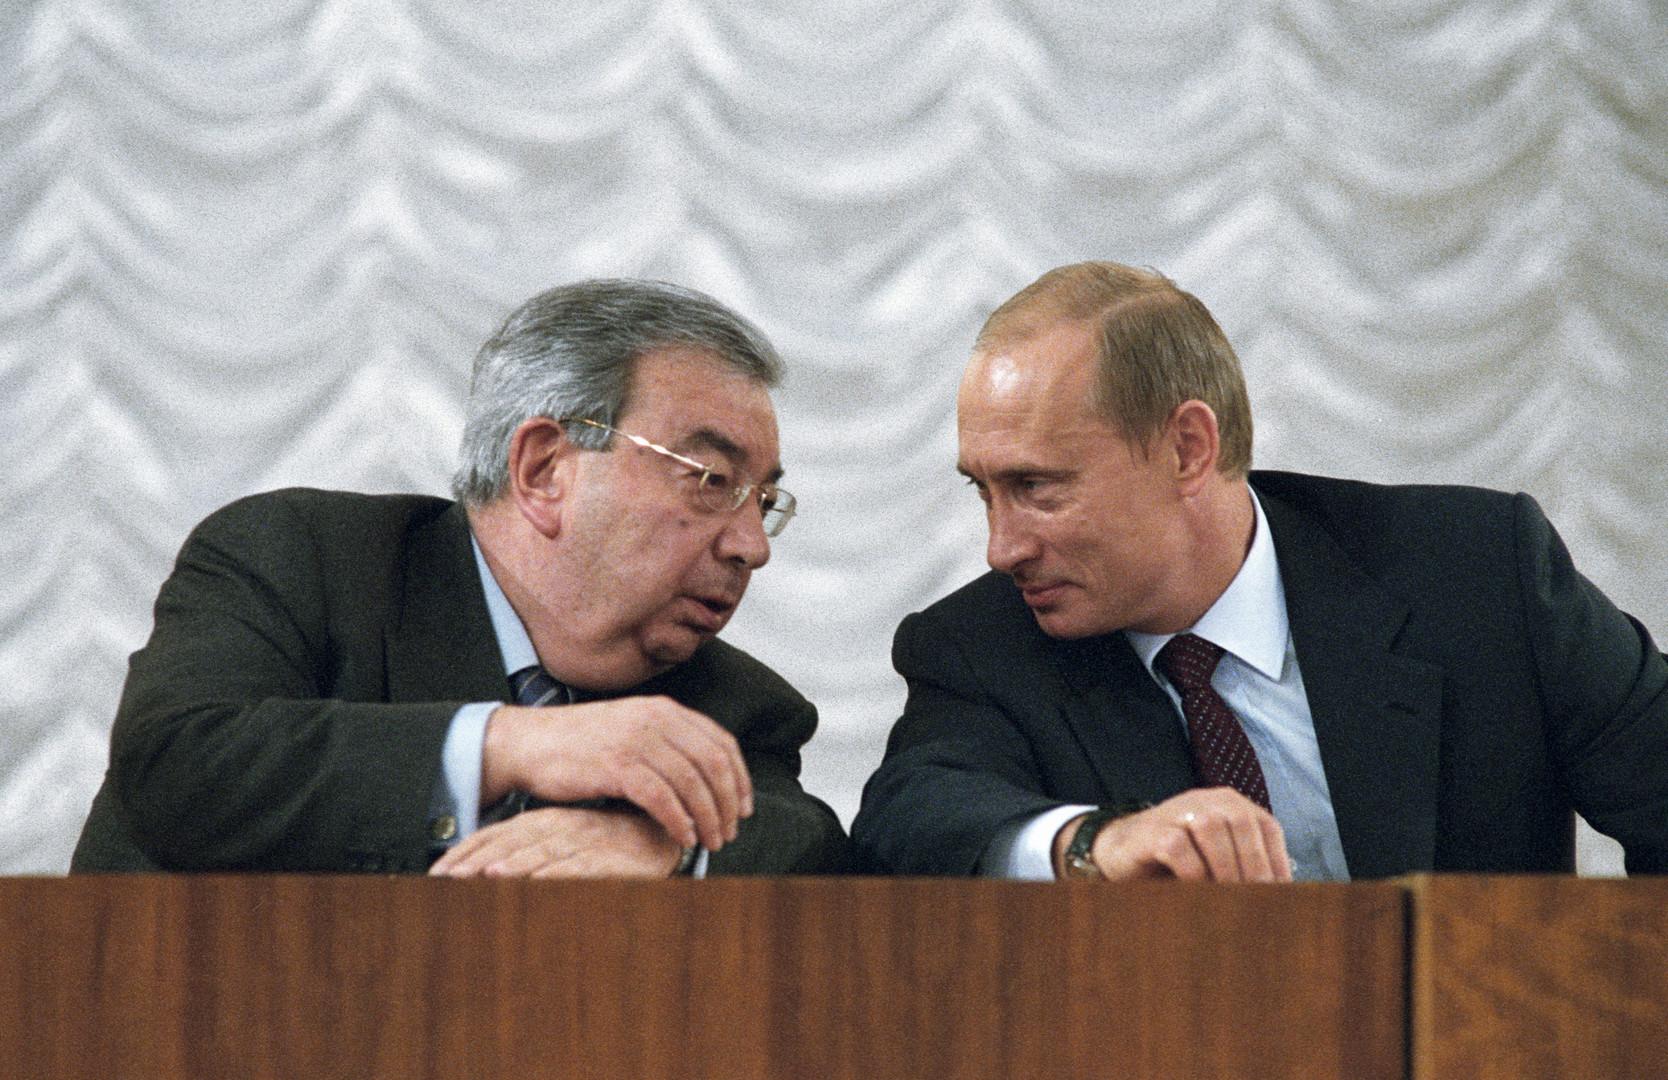 روسيا تودع بريماكوف إلى مثواه الأخير (فيديو)